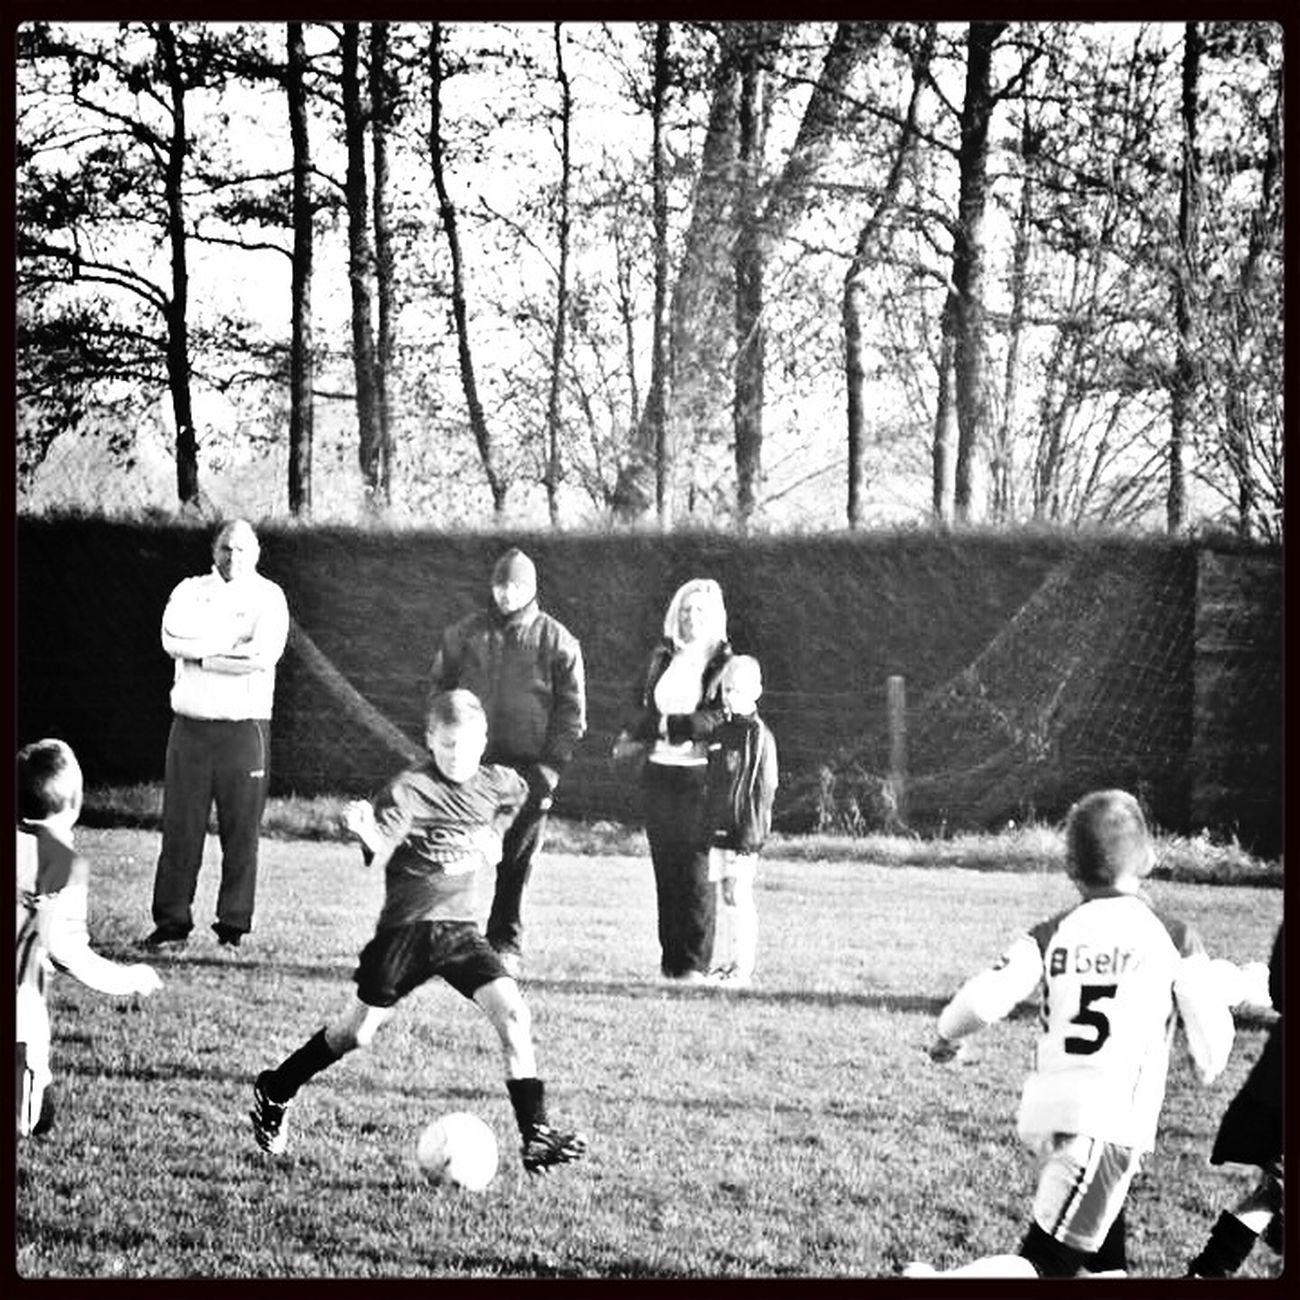 Soccer Football Children Black And White Monochrome